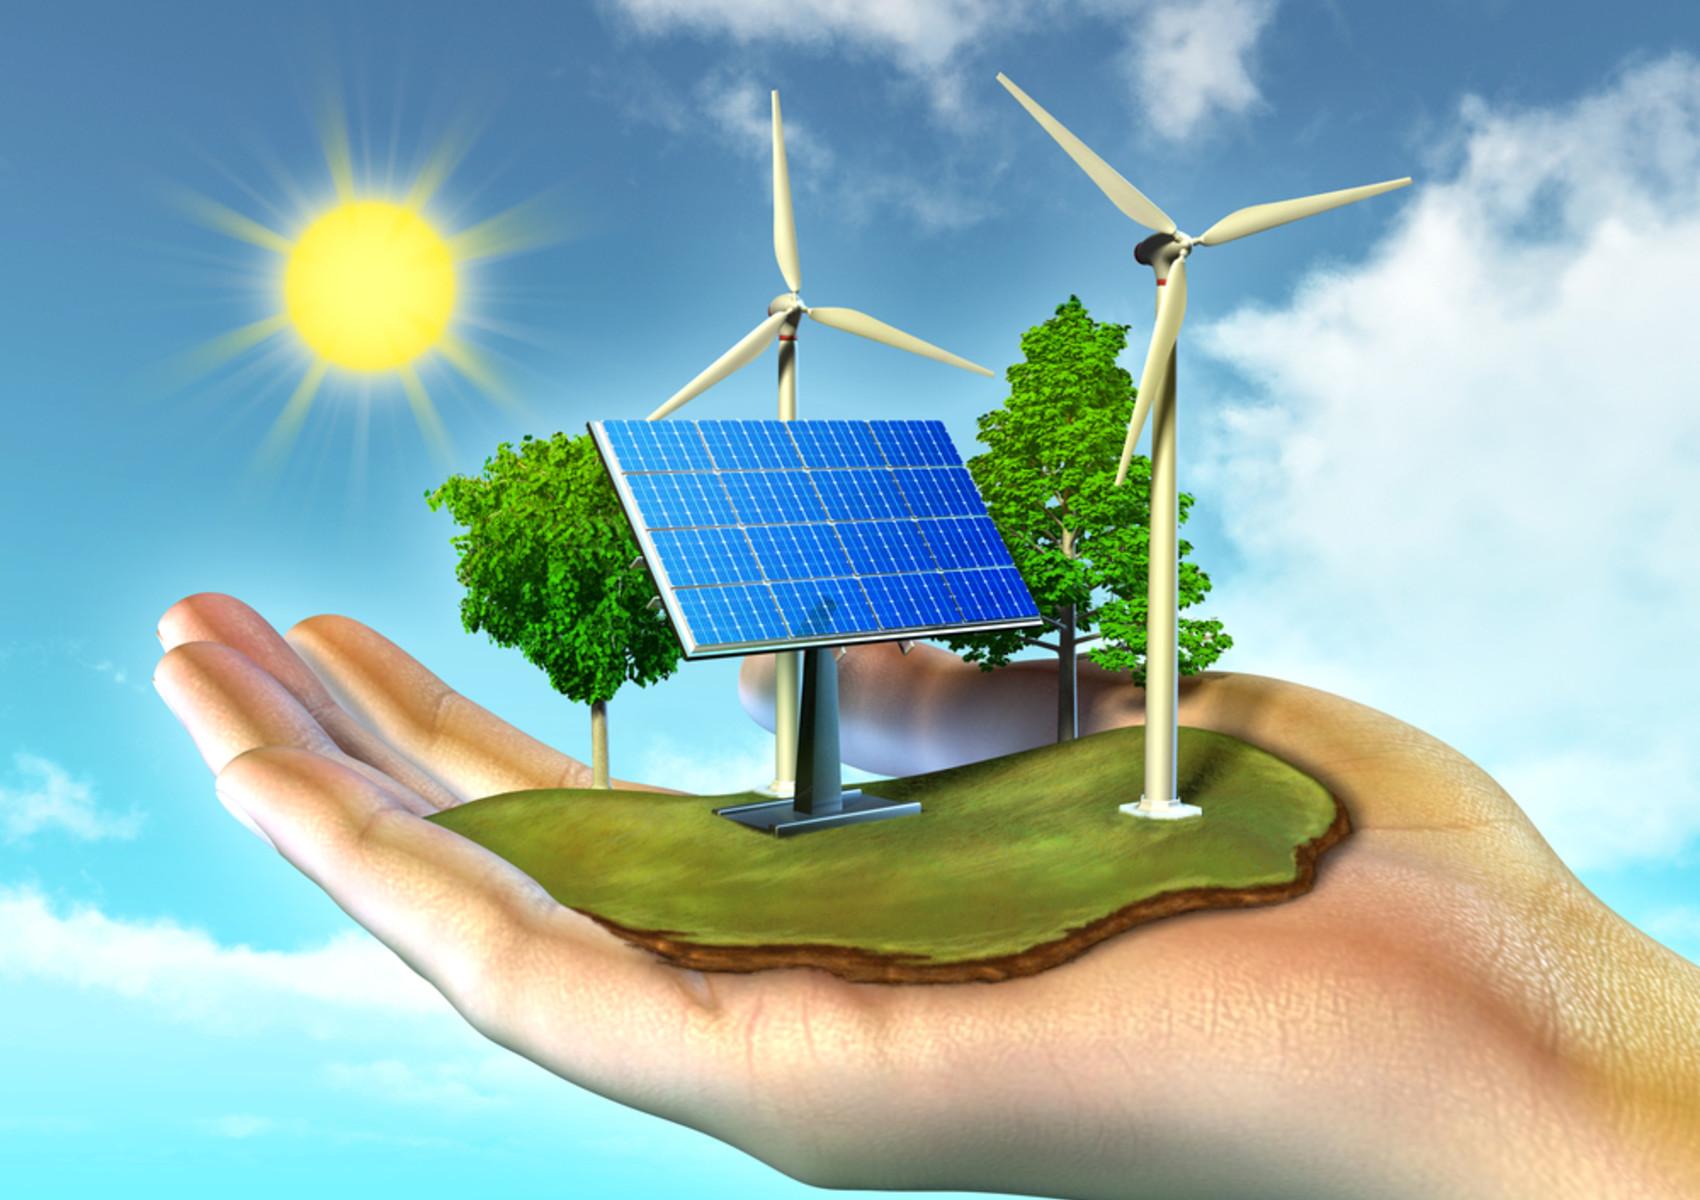 Verso la transizione energetica Eni: gli obiettivi di sostenibilità